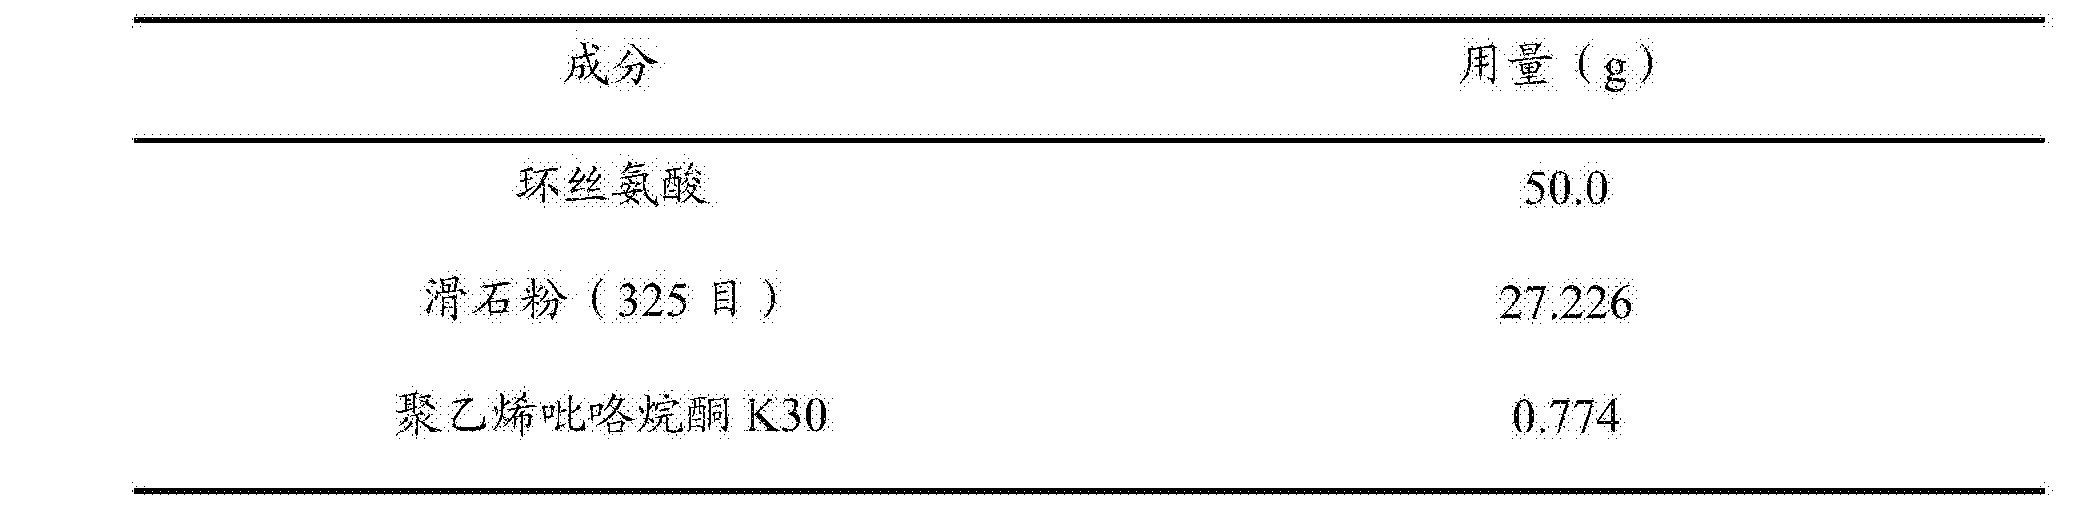 Figure CN105476976BD00101